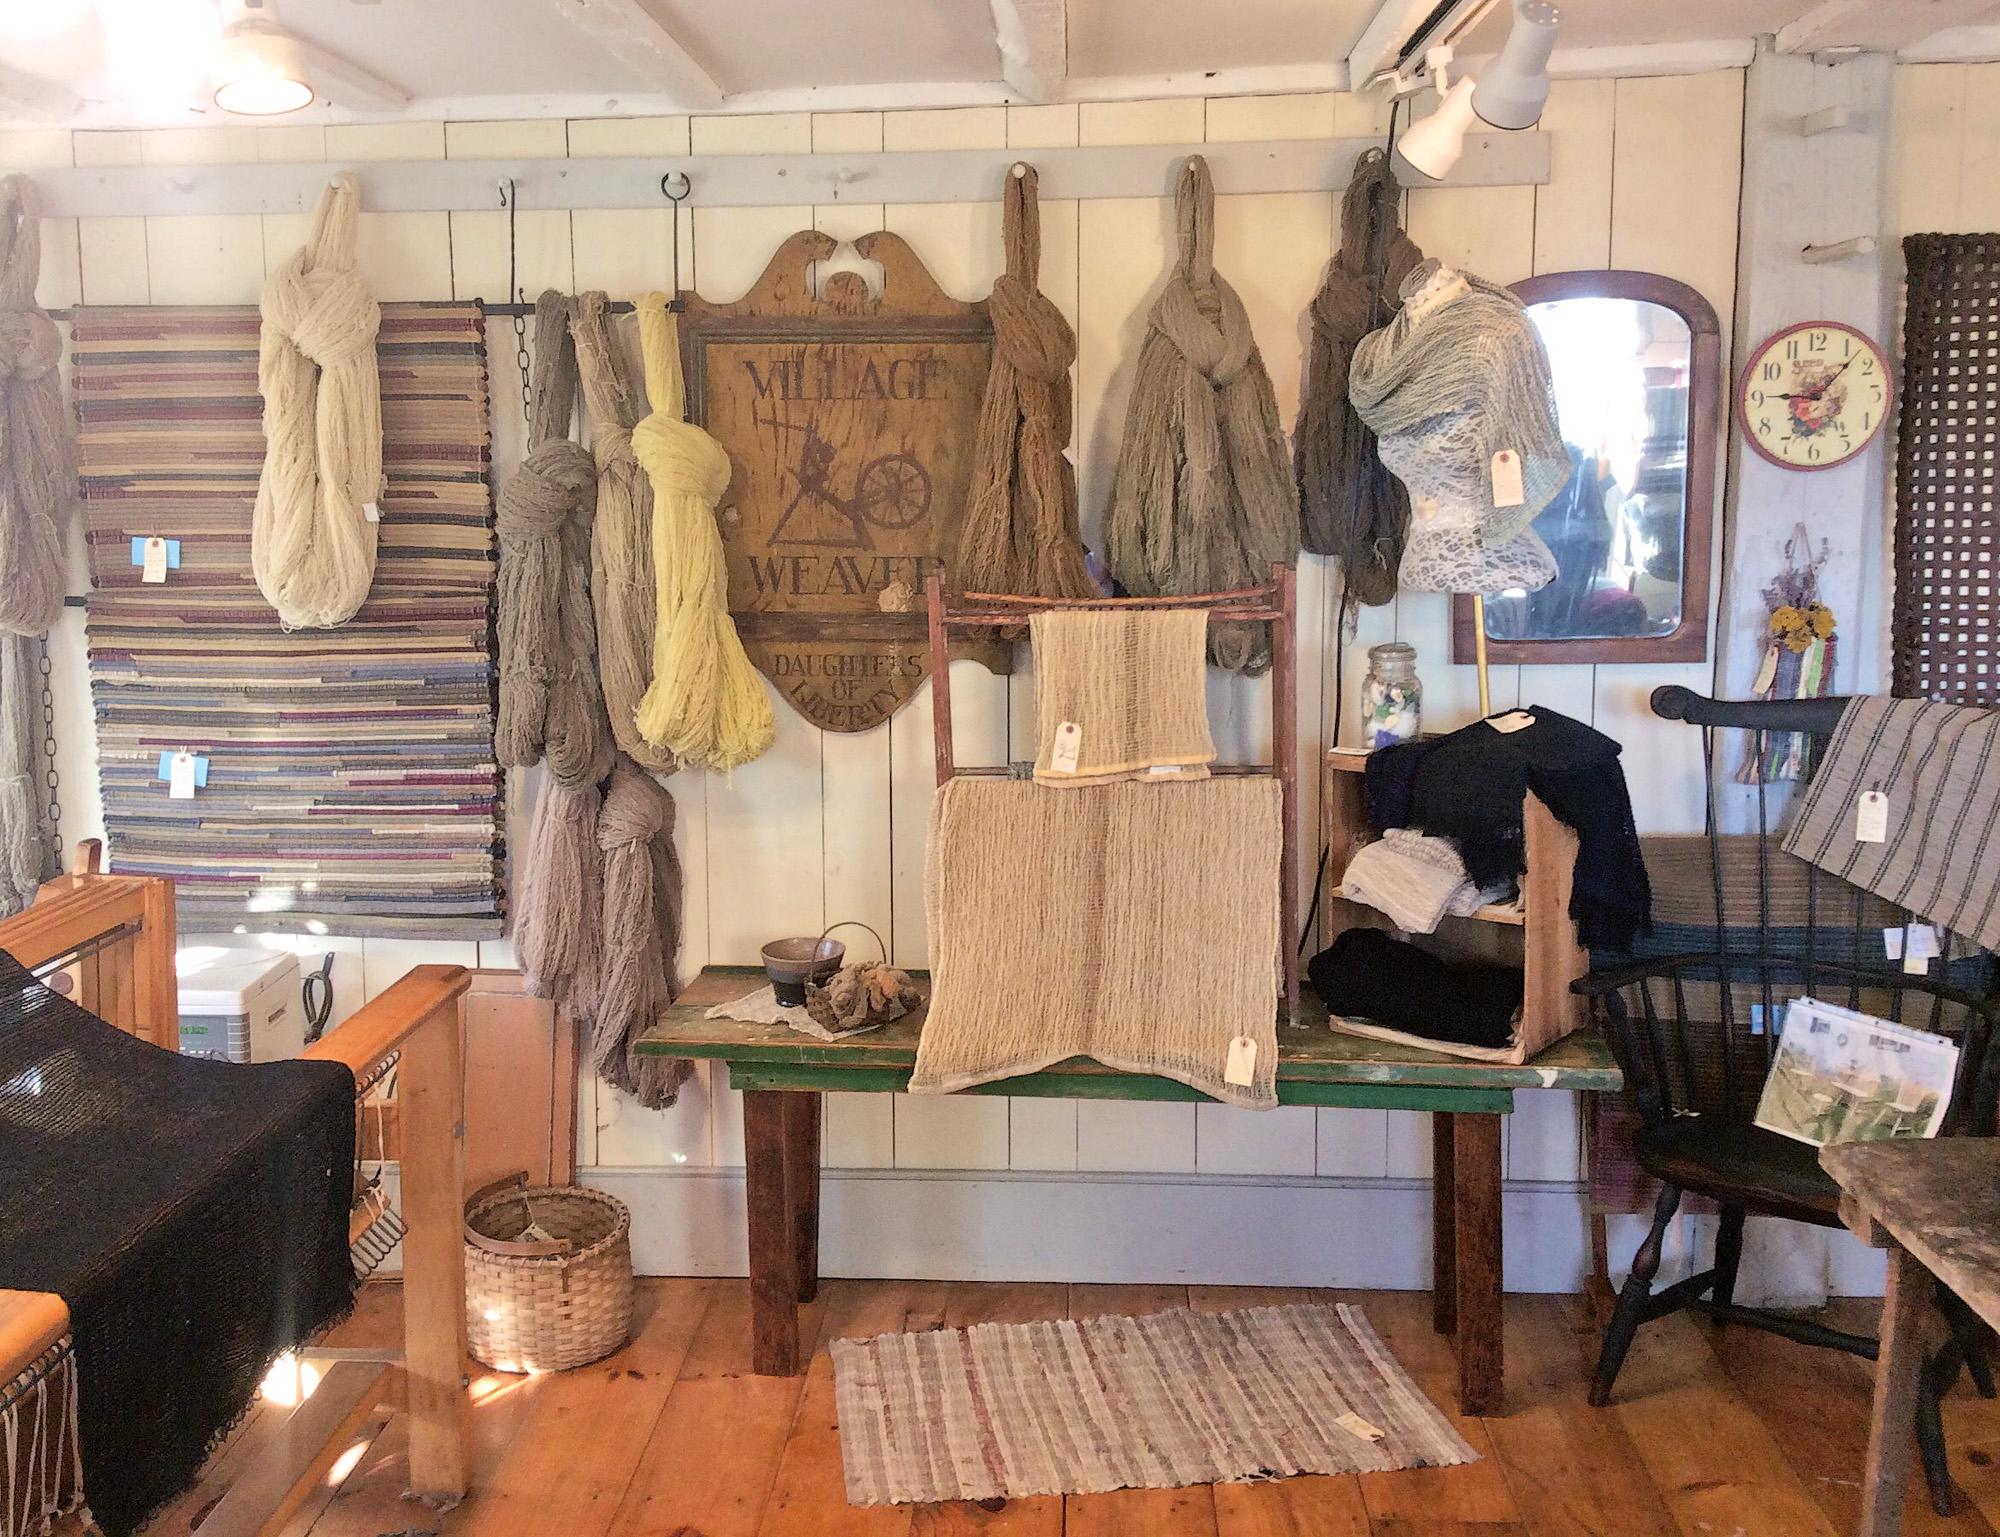 shop interior, Maine's Village Weaver